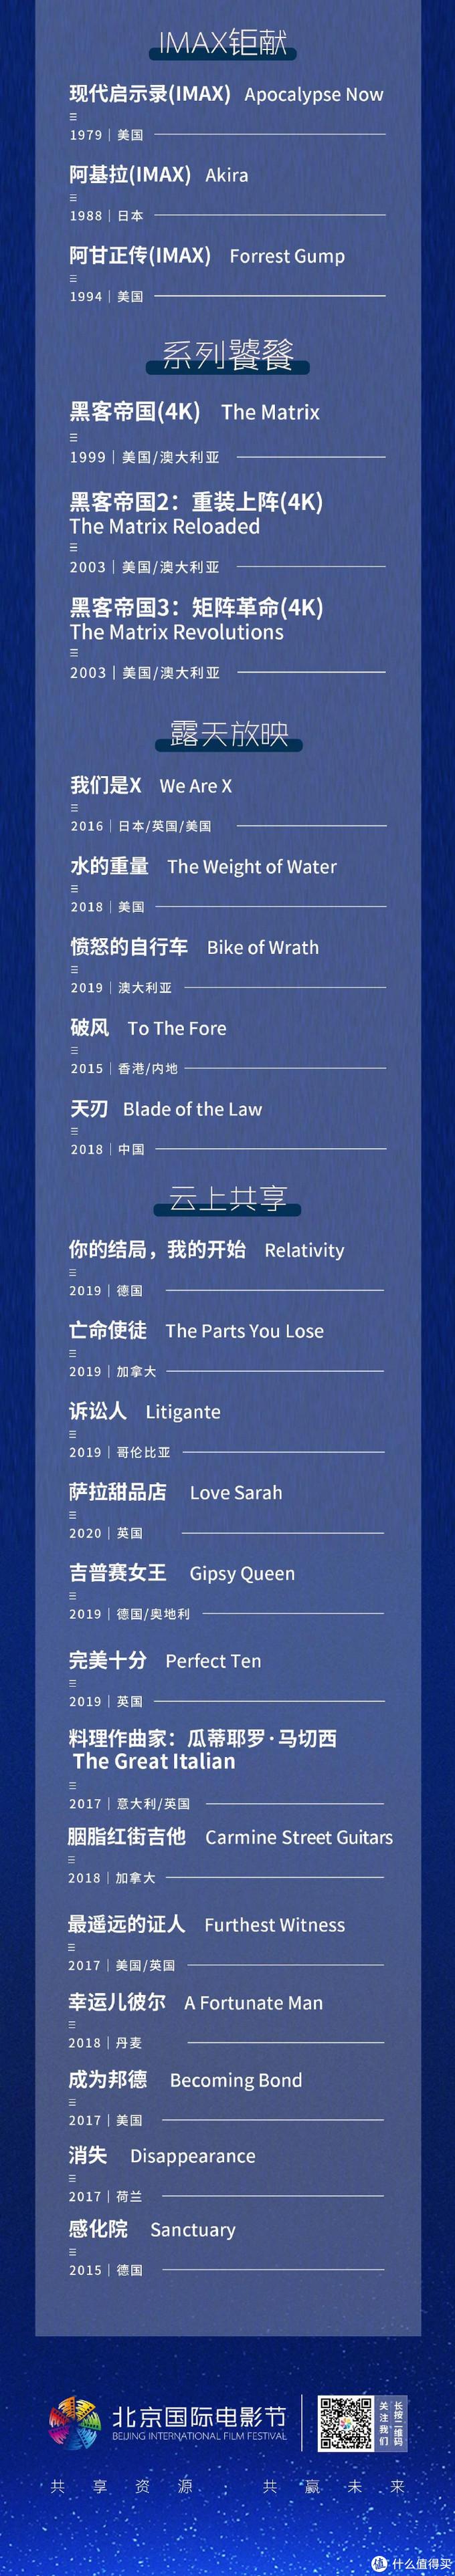 第十届北京电影节片单更新,《杀人回忆》、《黑客帝国》三部曲、IMAX版《阿基拉》在列,12大单元供你抢票